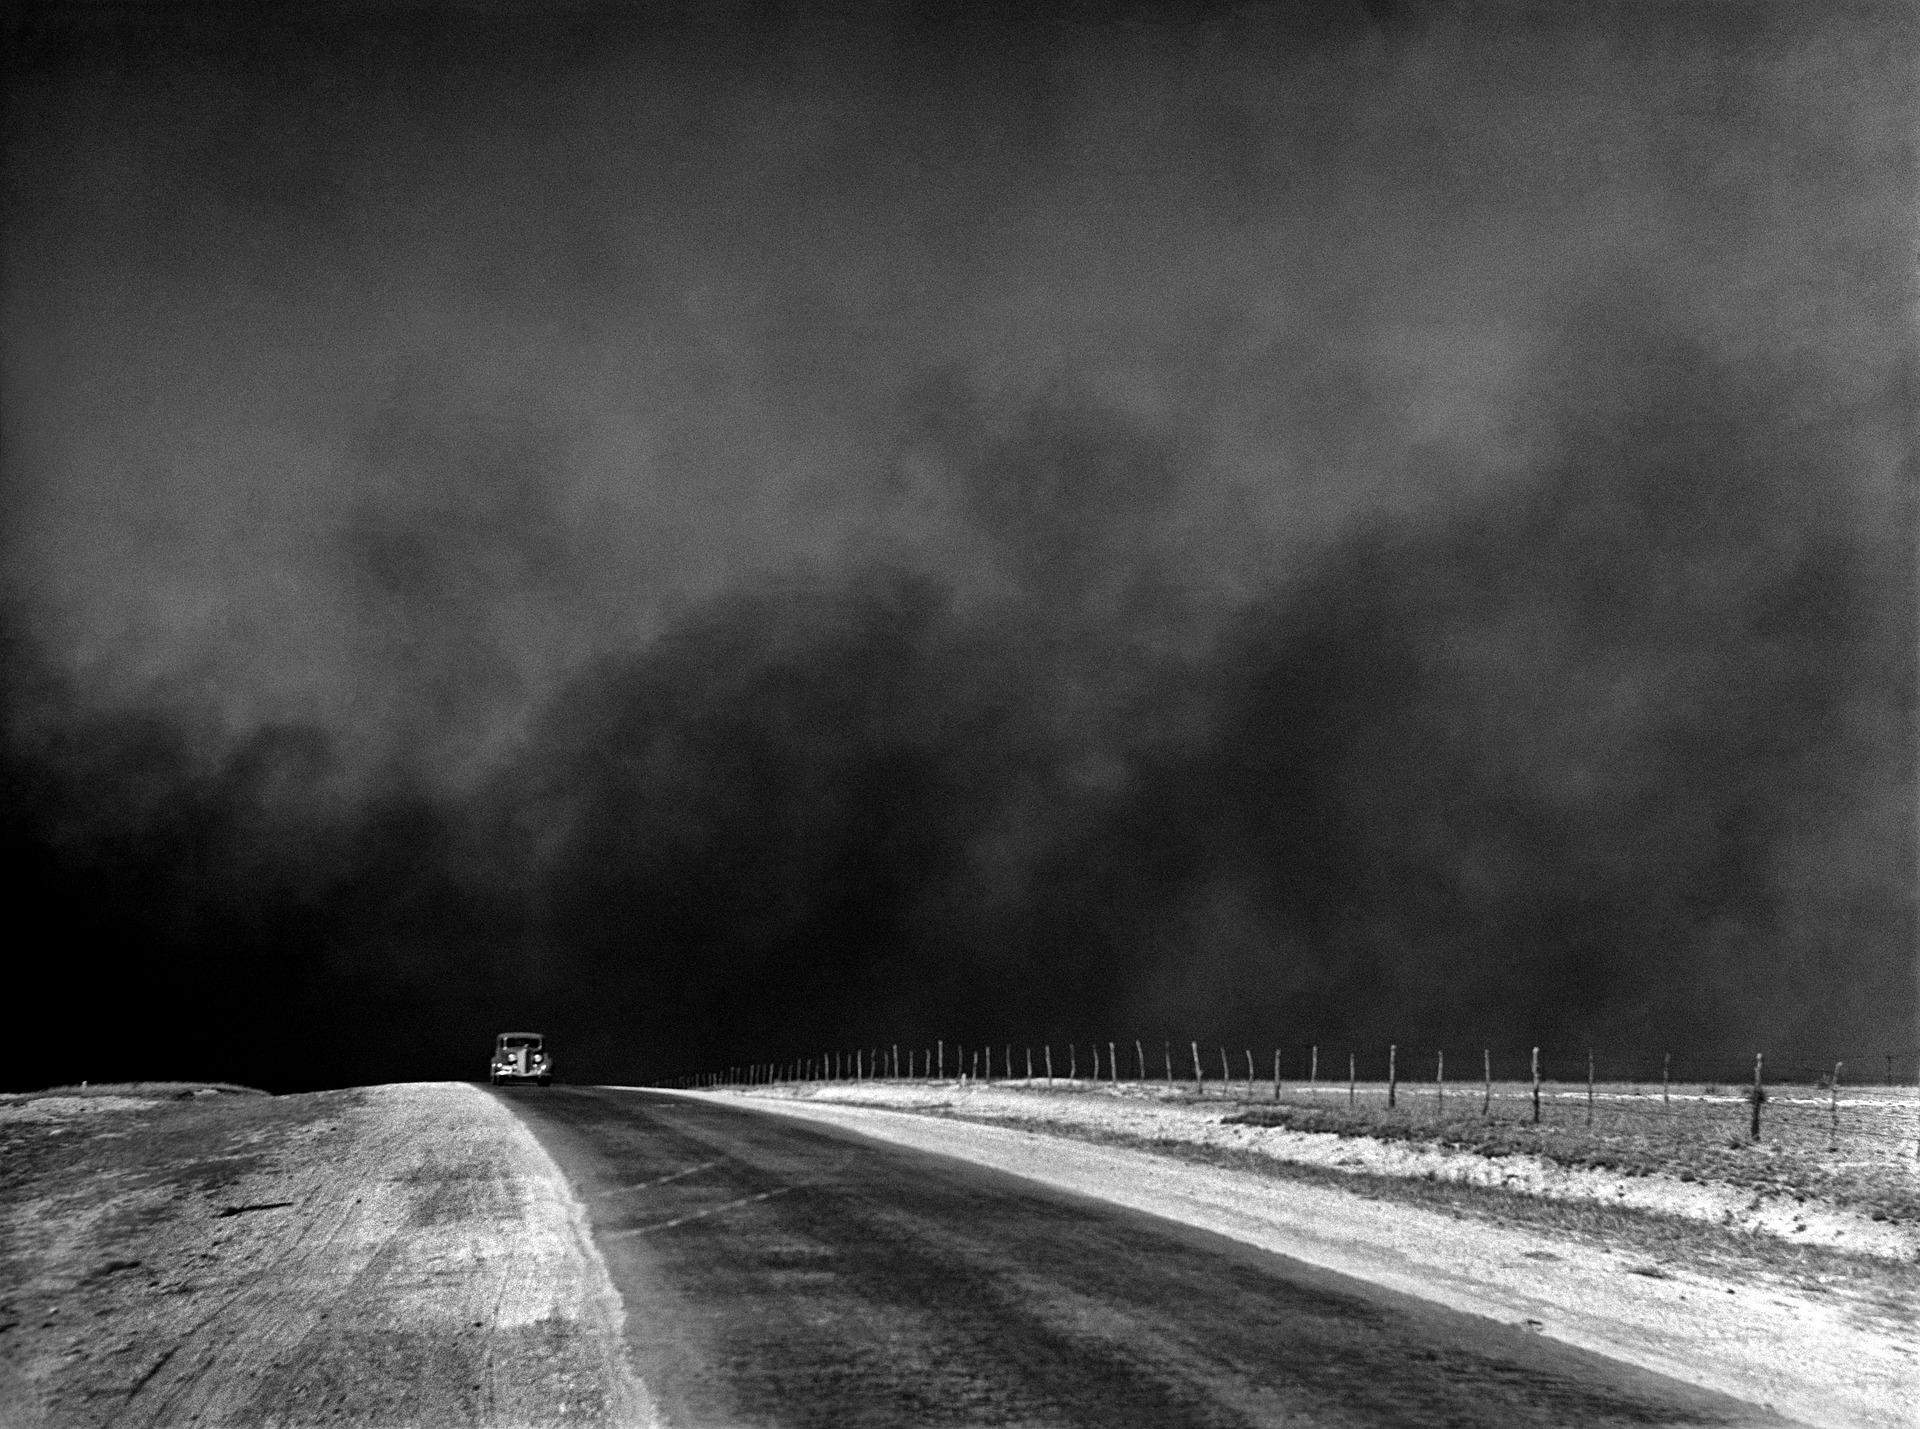 Dust Cloud, Car, Cloud, Dark, Dust, HQ Photo